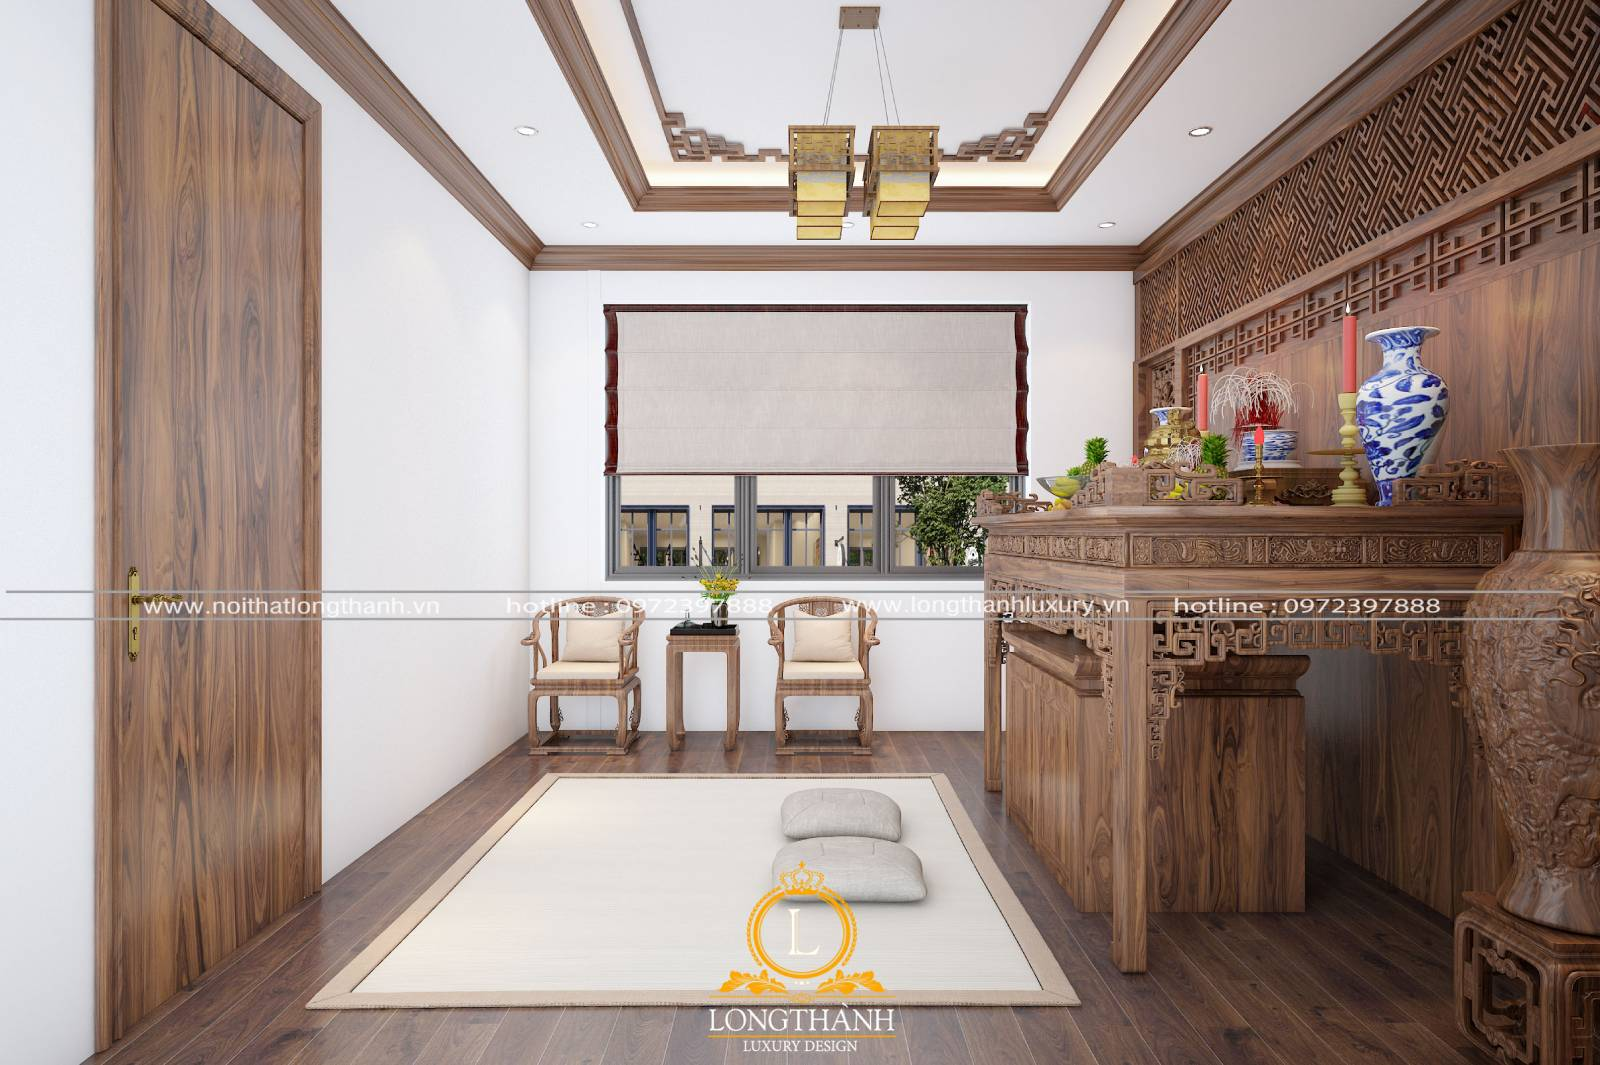 Thiết kế nội thất phòng thờ đơn giản cho không gian nhà phố hẹp